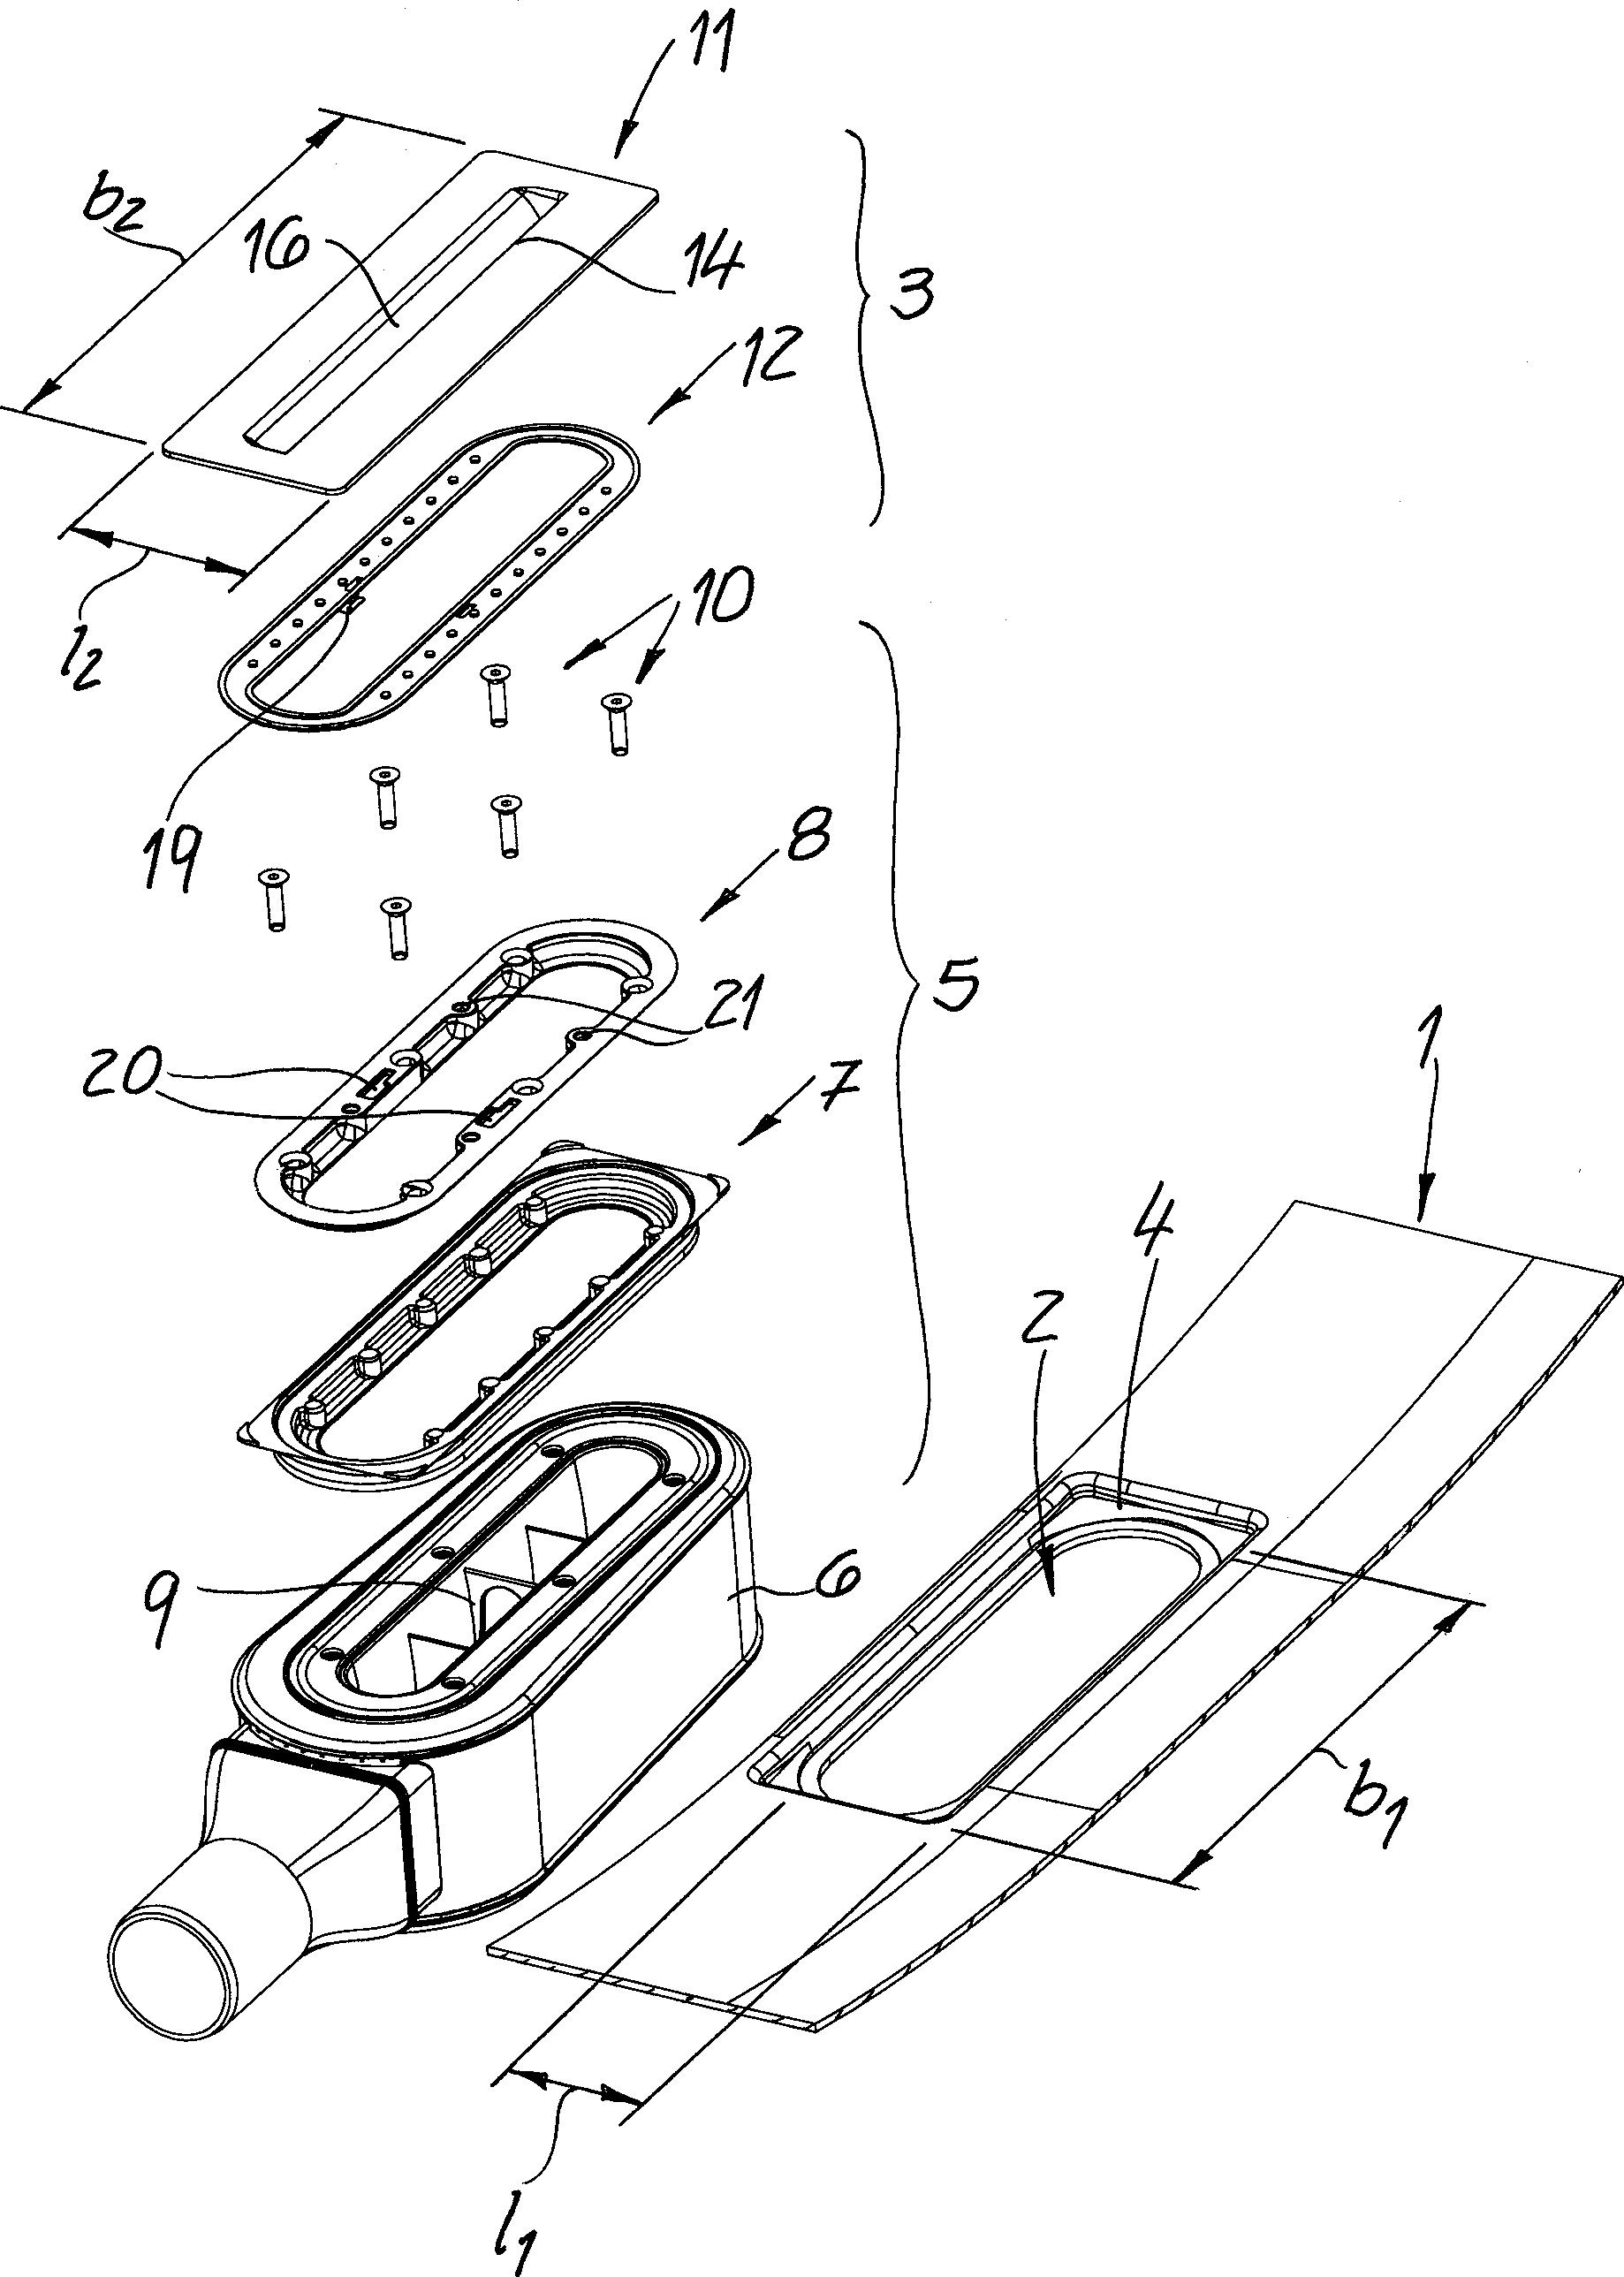 Figure DE102016103064A1_0001